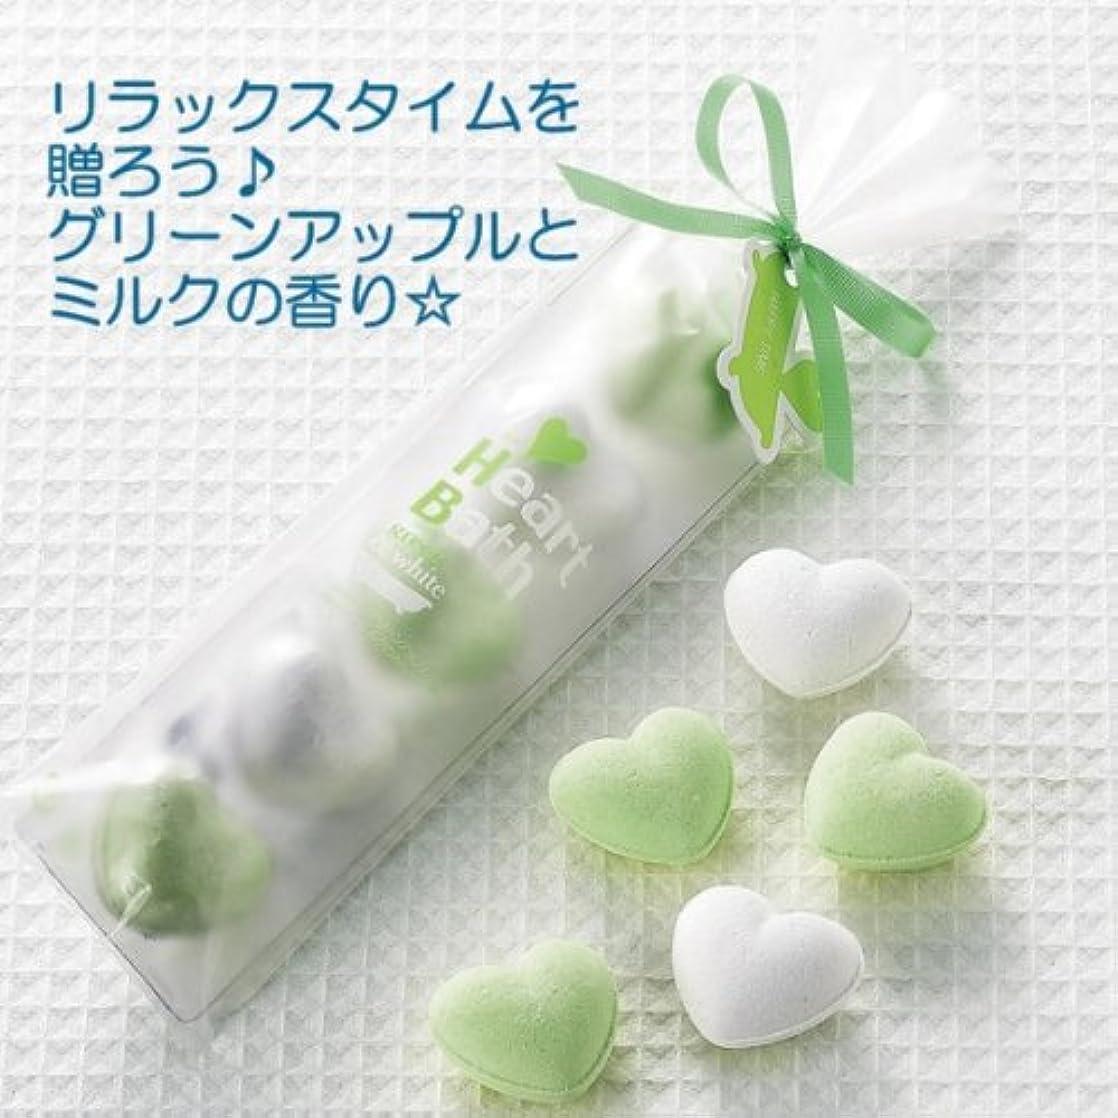 アロングできた雪のハート型の入浴剤グリーンアップル&ミルク